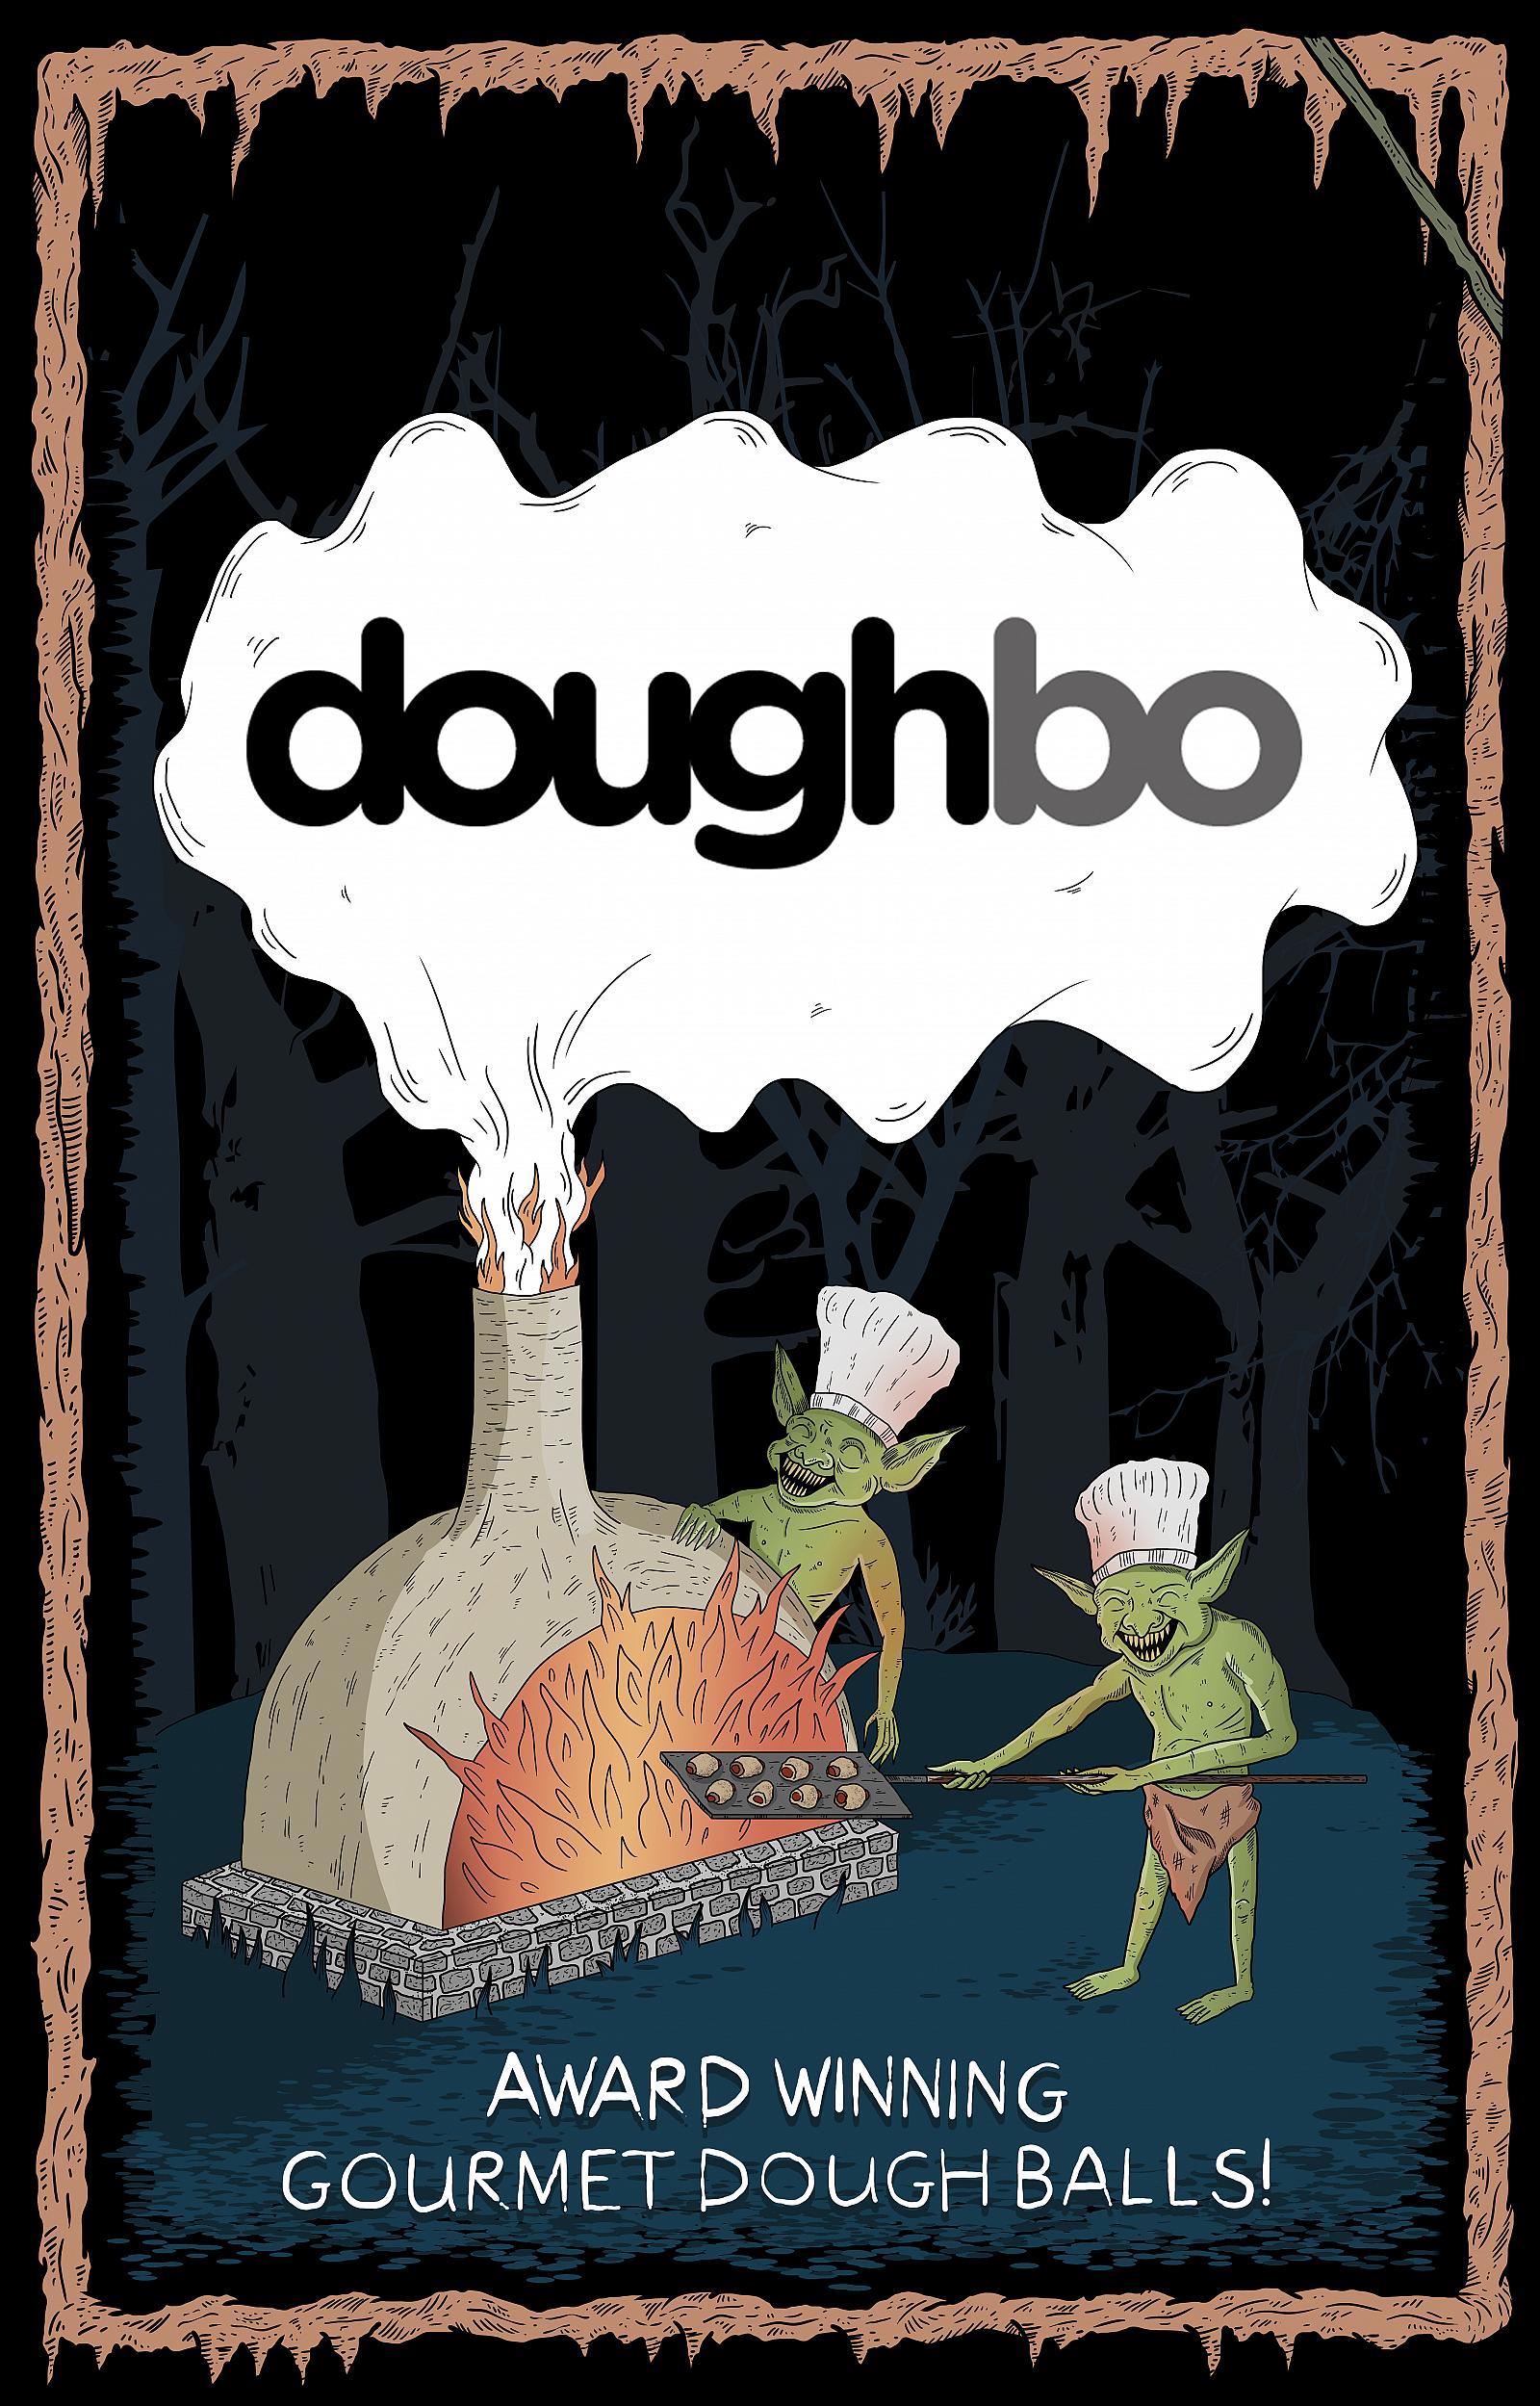 Doughbo image